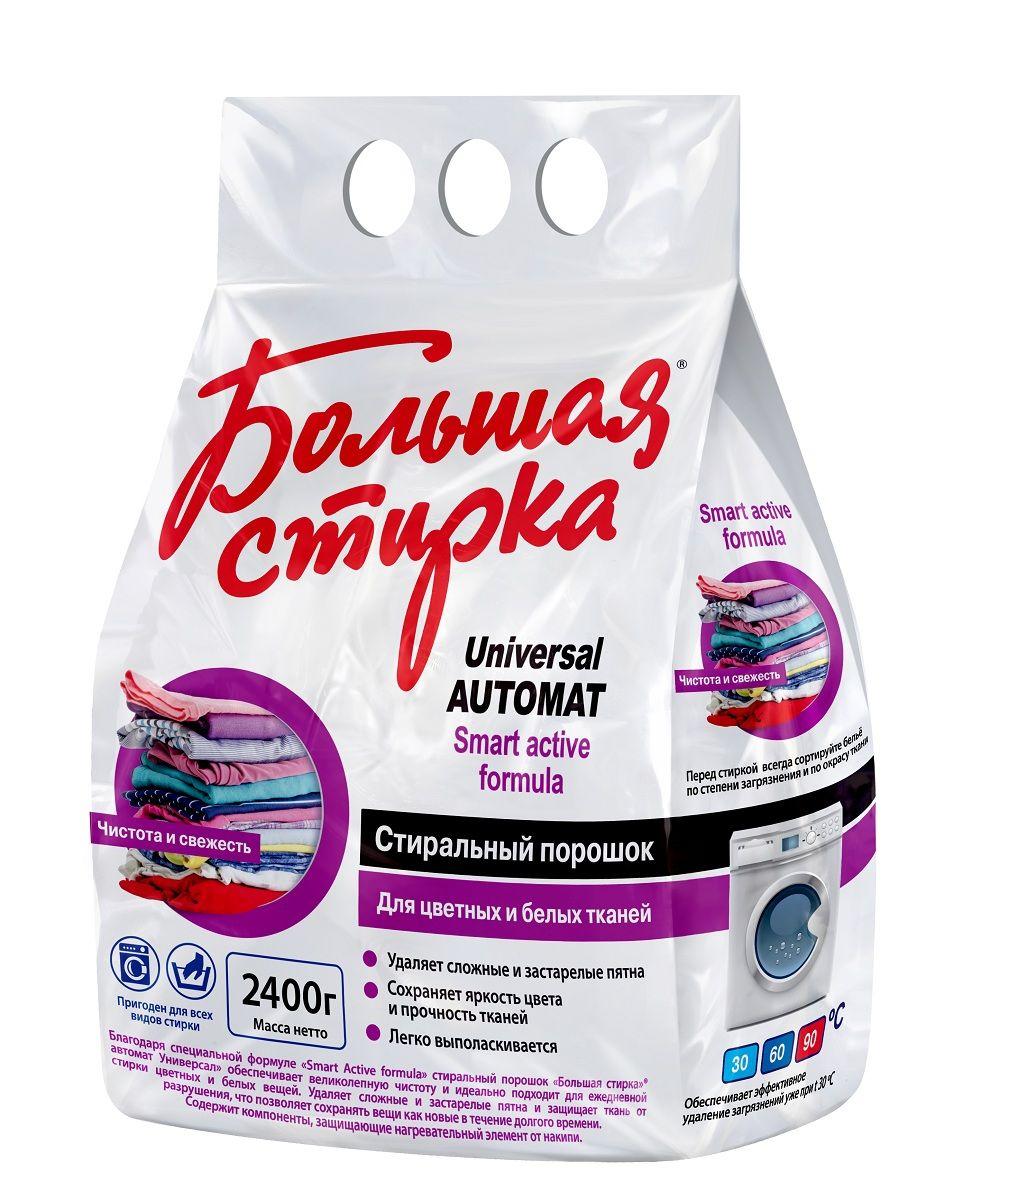 ваниш окси экшен для ручной чистки ковров инструкция